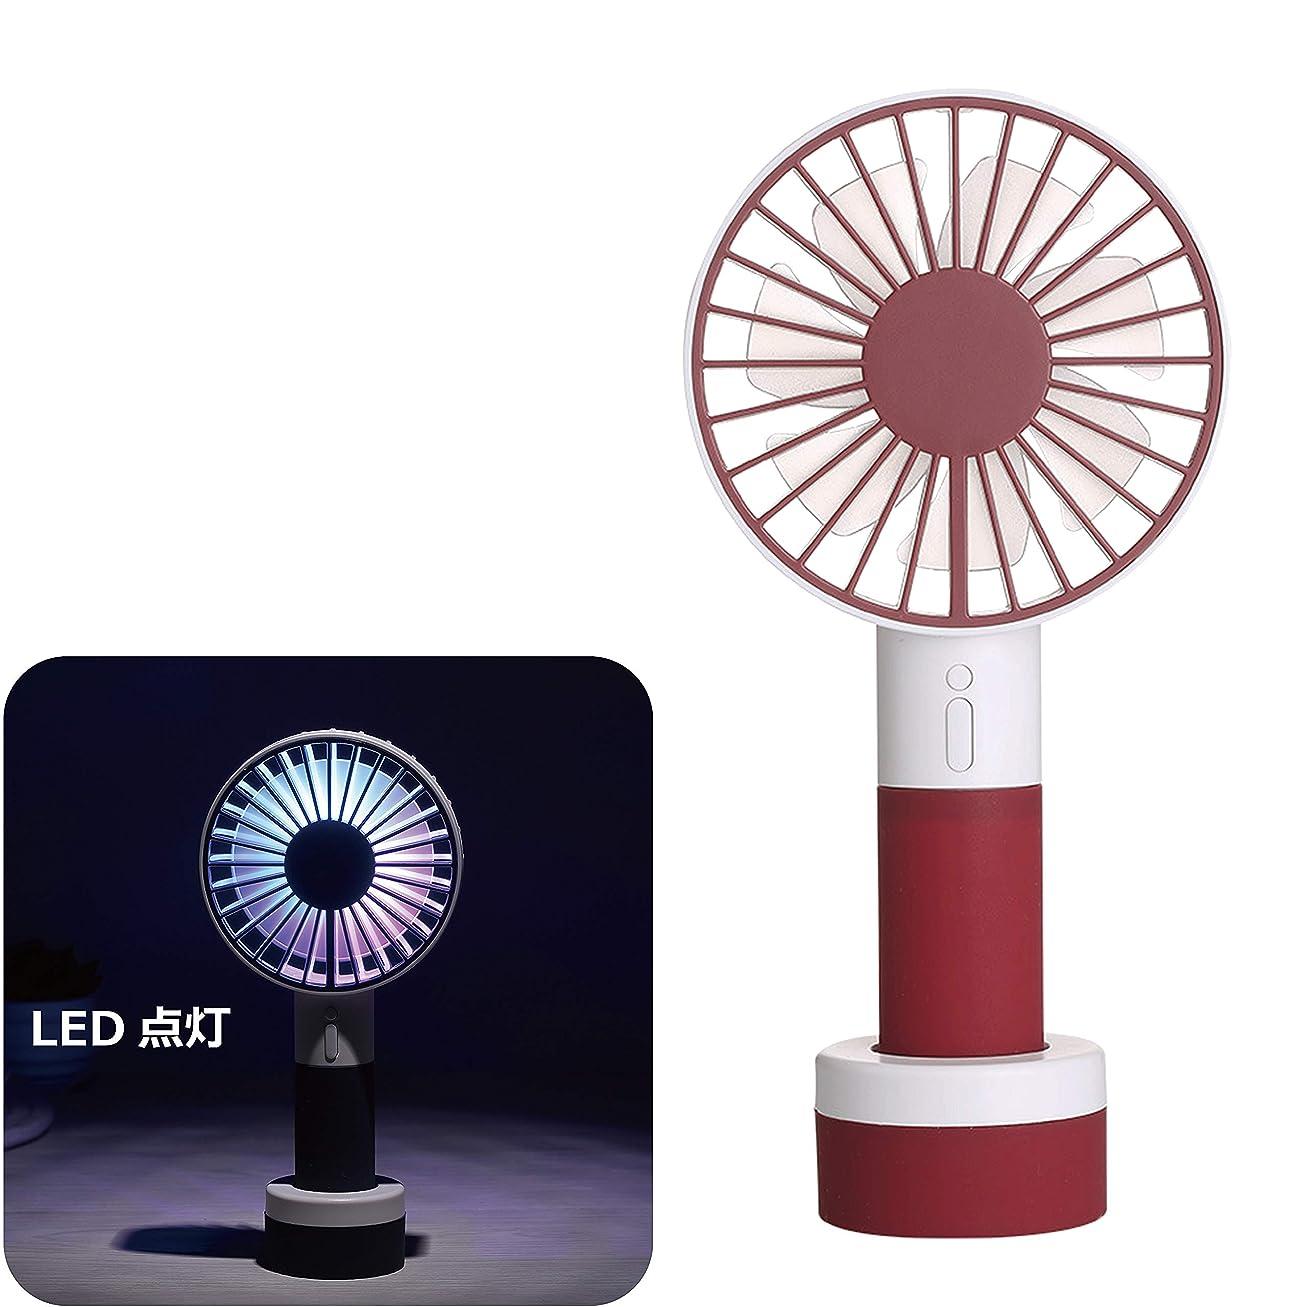 疑い者連隊なしで【2019年最新型 LED 小型 ファン 】 Sooon 扇風機 手持 ハンディ 小型 LED usb ファン 首掛け ハンズフリー 3段階調節 静音 充電式 卓上 ミニ扇風機 (レッド)